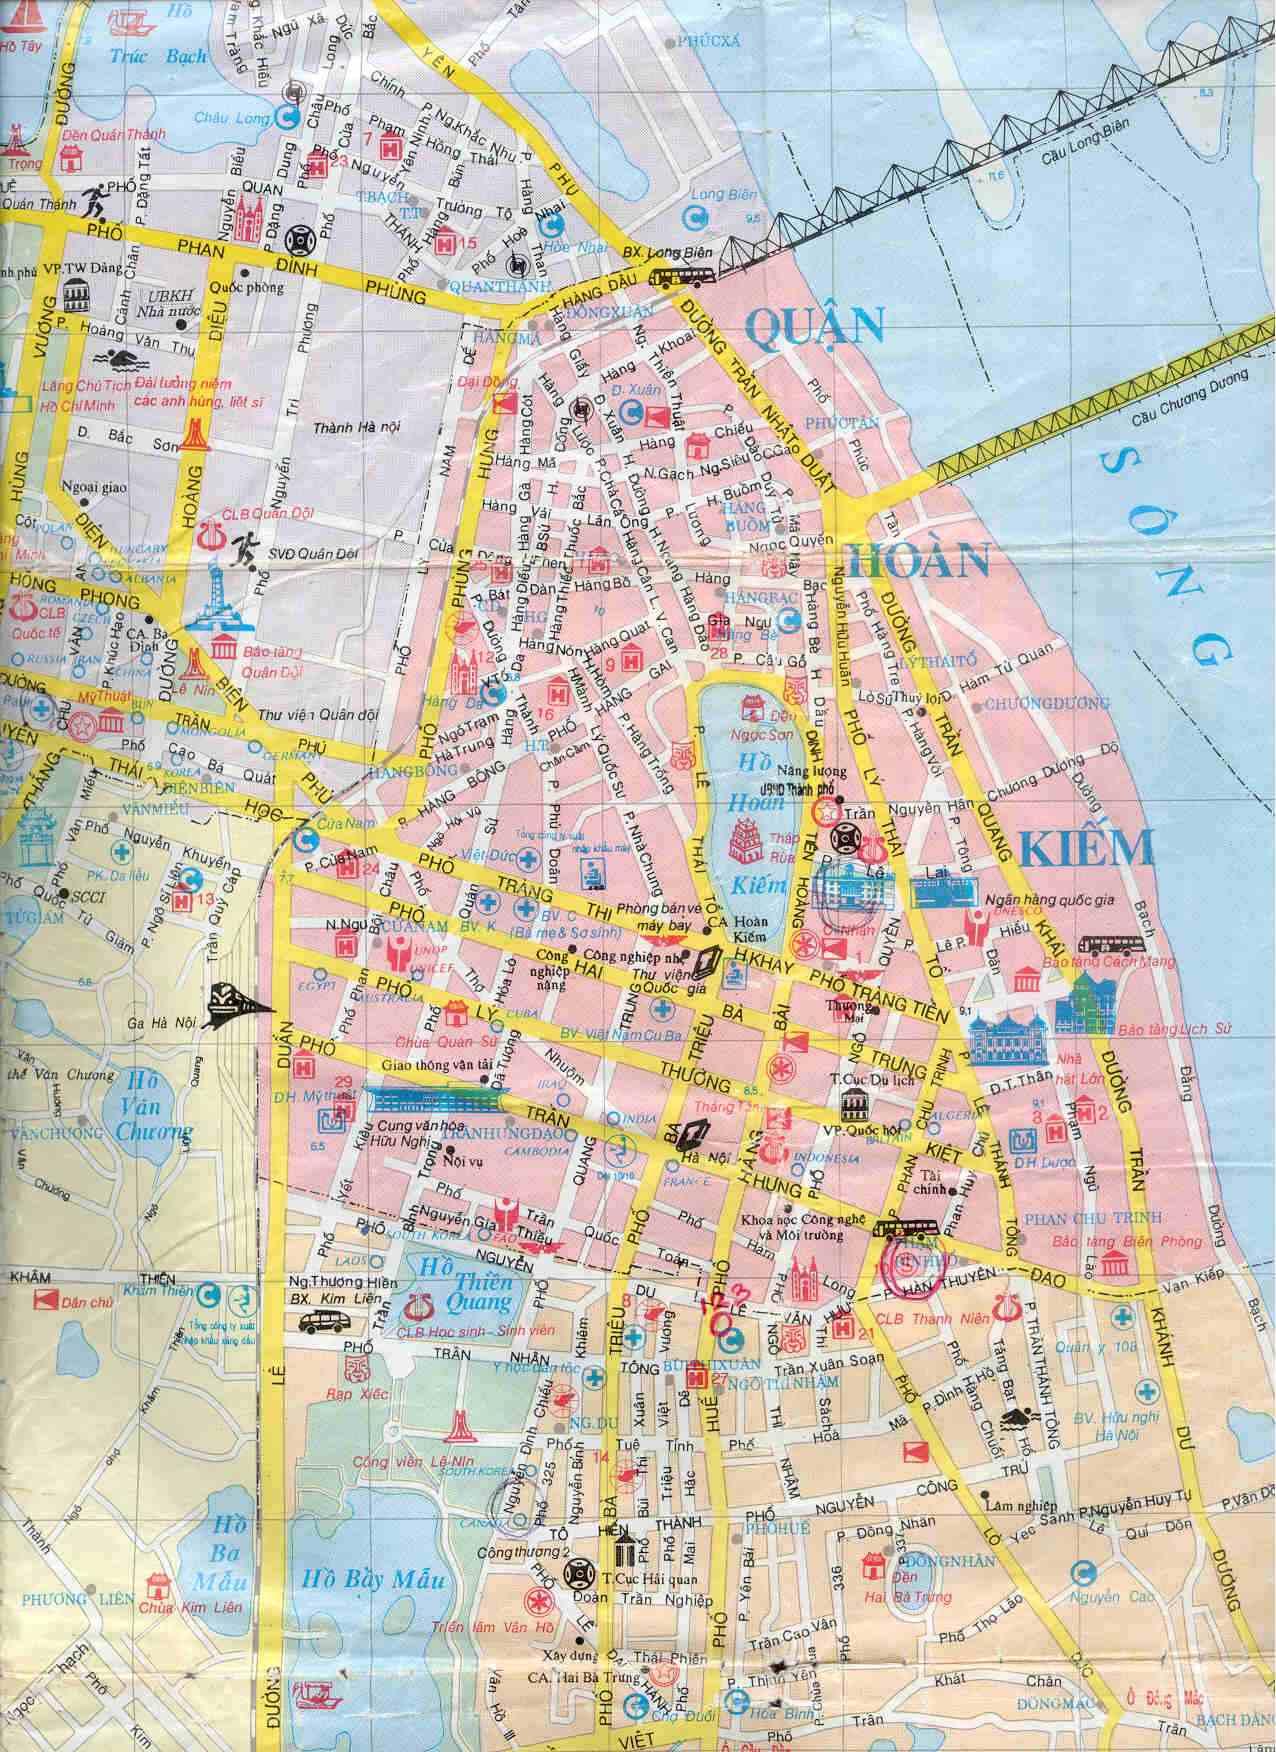 Vietnam Tourist Map Vietnam mappery